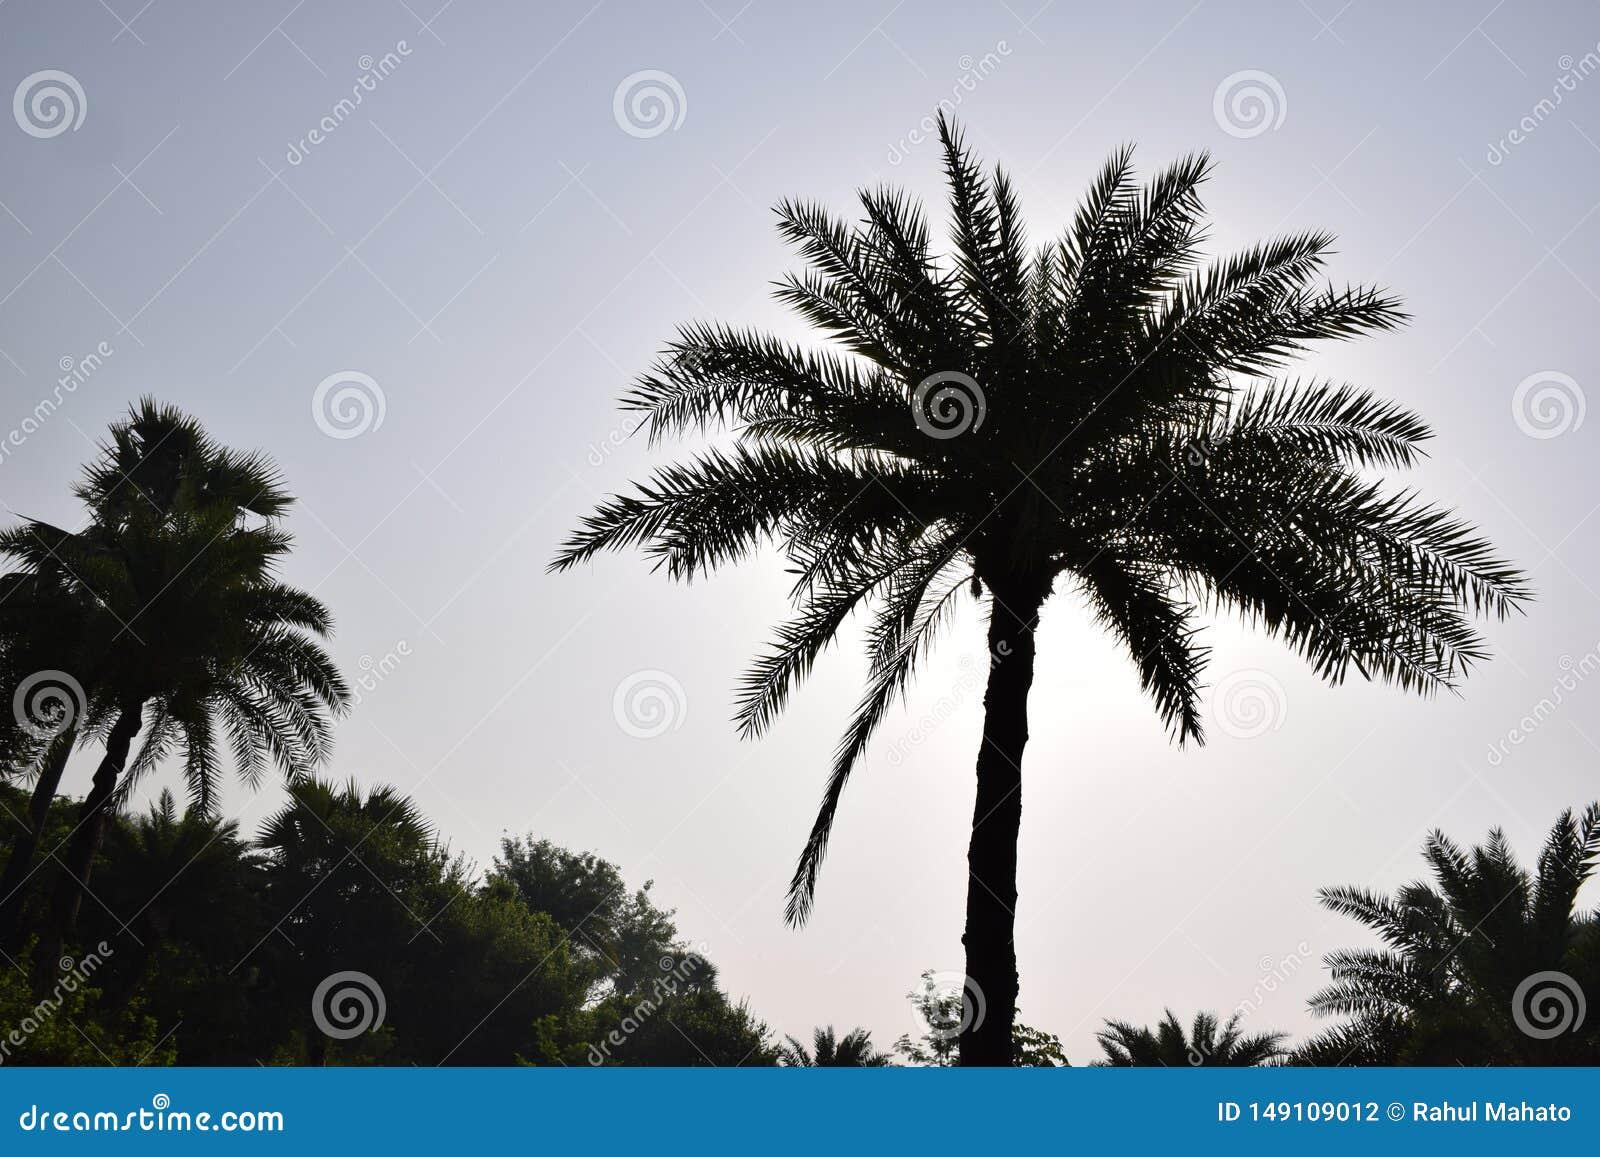 Daktylowy drzewko palmowe prz?d wsch?d s?o?ca przy wczesnego poranku krajobrazem